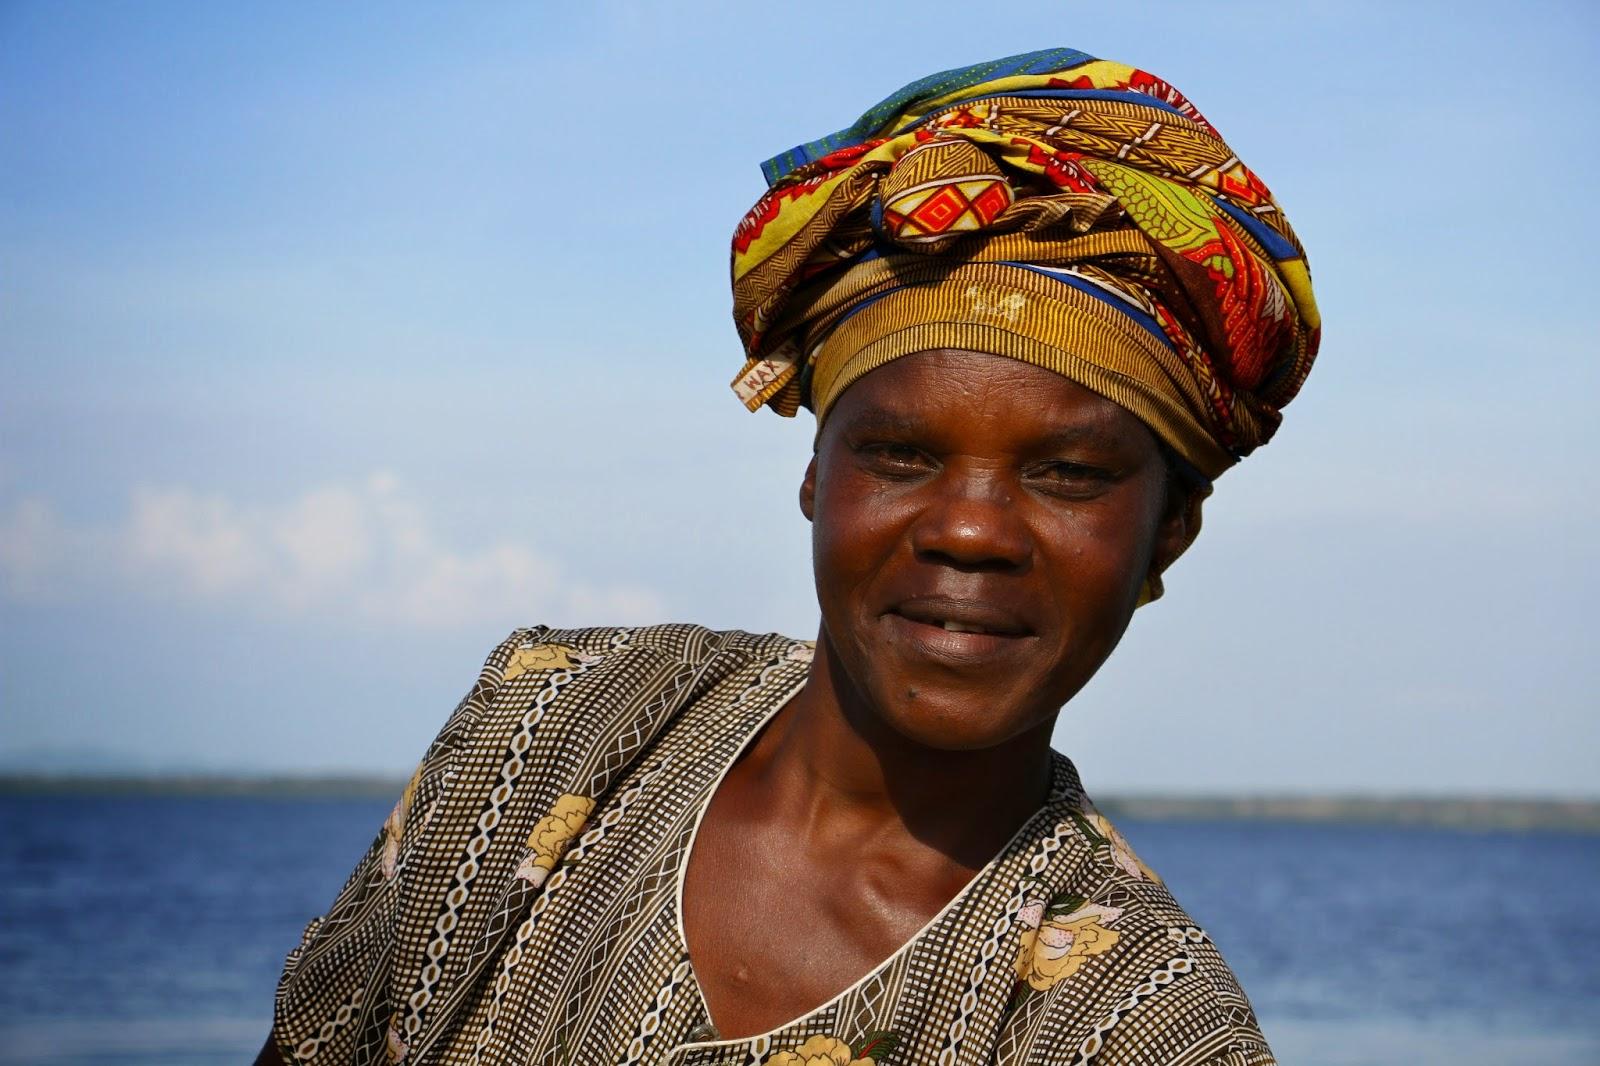 Nas margens do LAGO VITÓRIA pedalei e sorri (uma experiência fabulosa) | Tanzânia